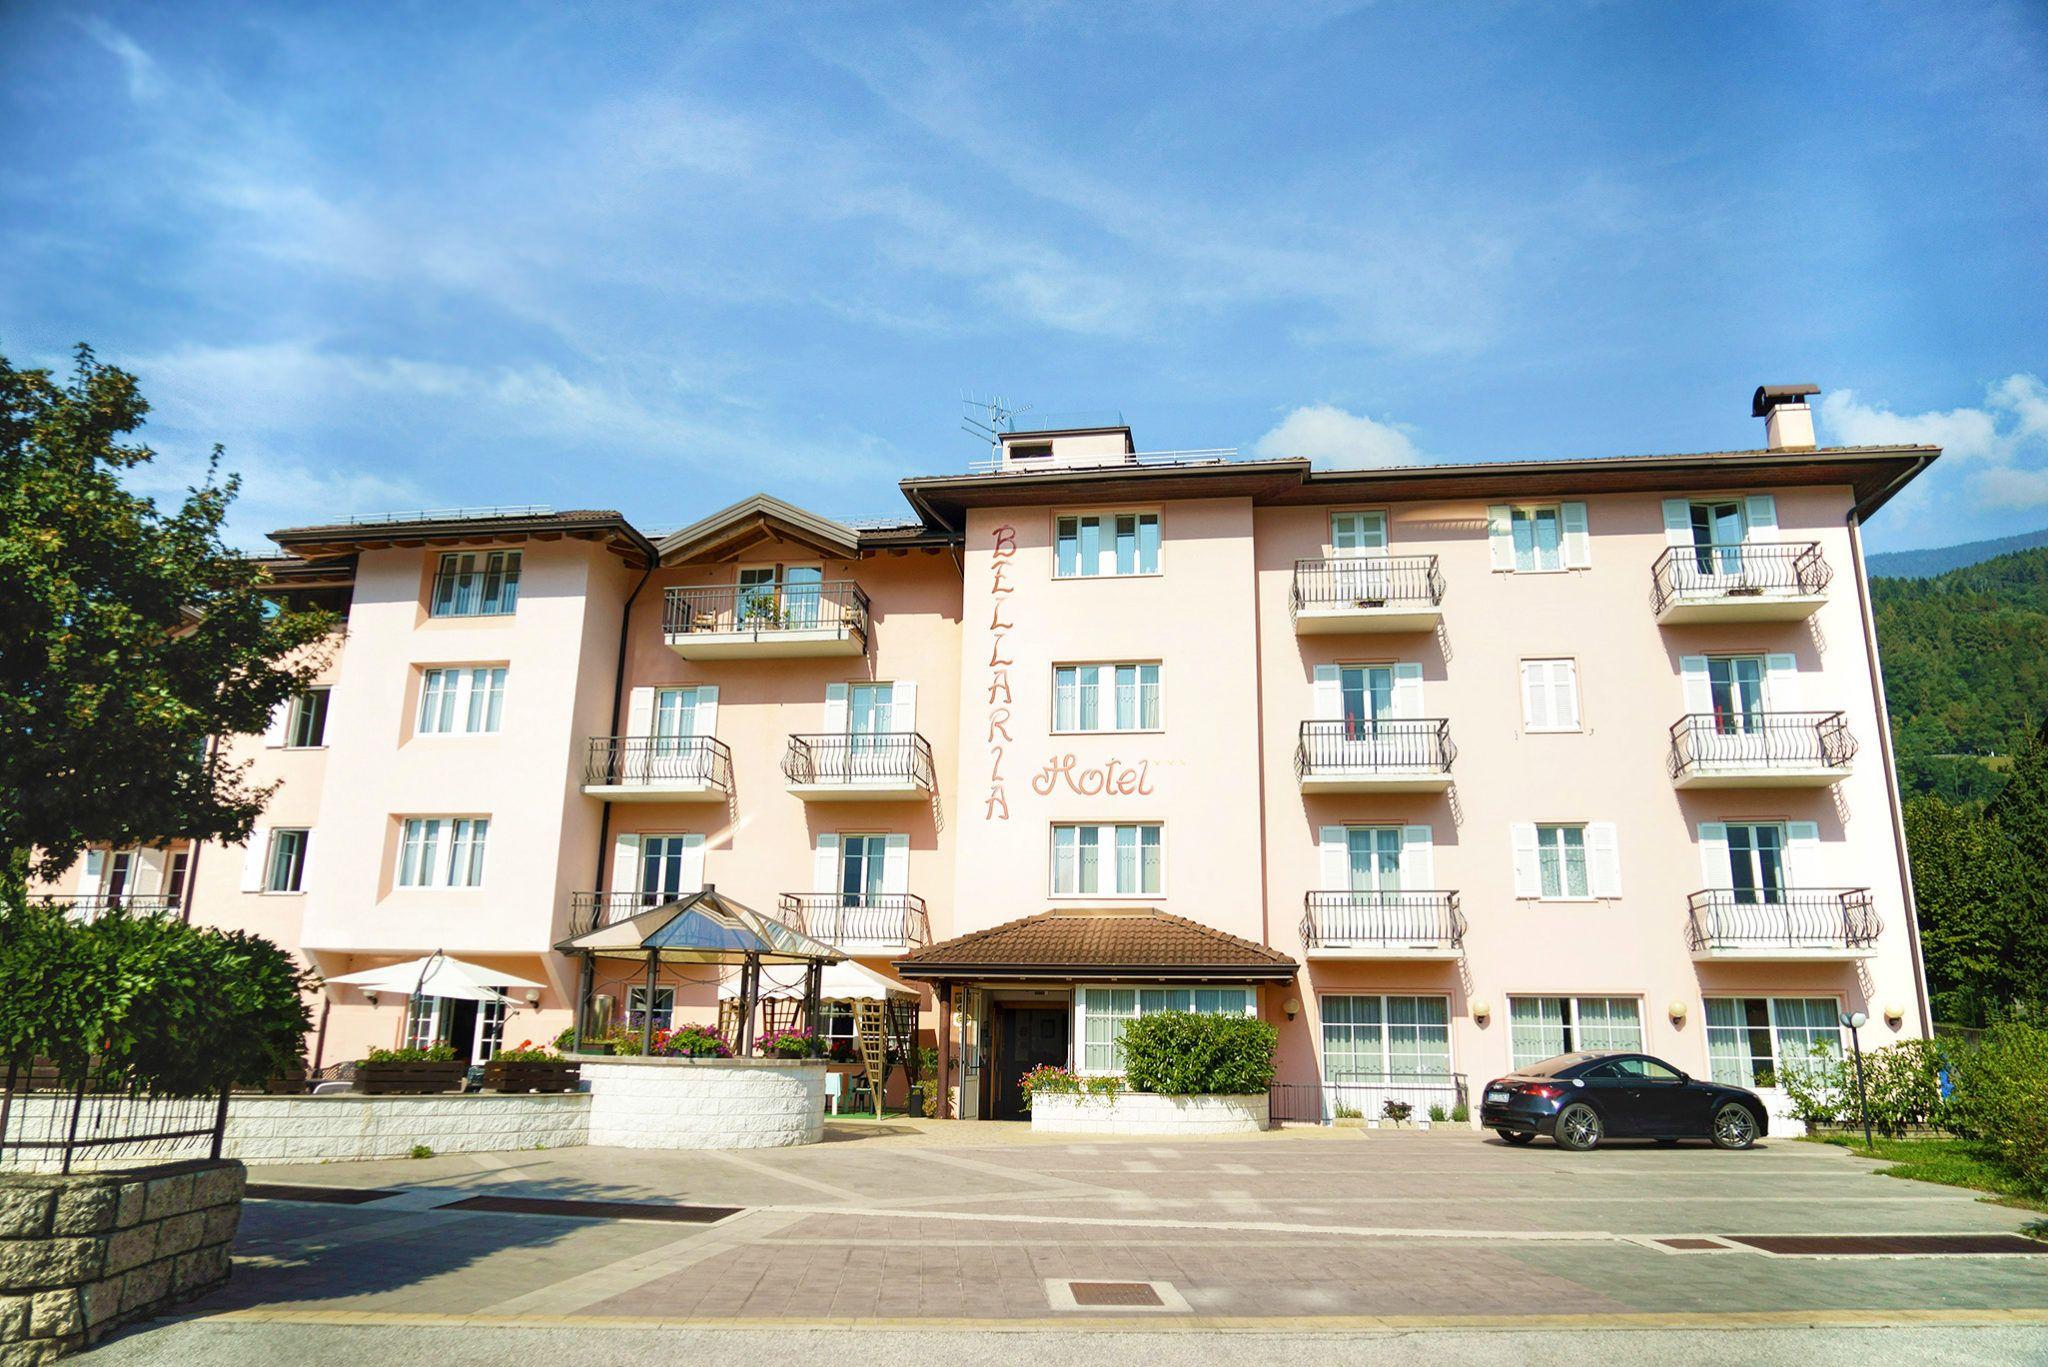 Benvenuti all'Hotel Bellaria a Levico Terme